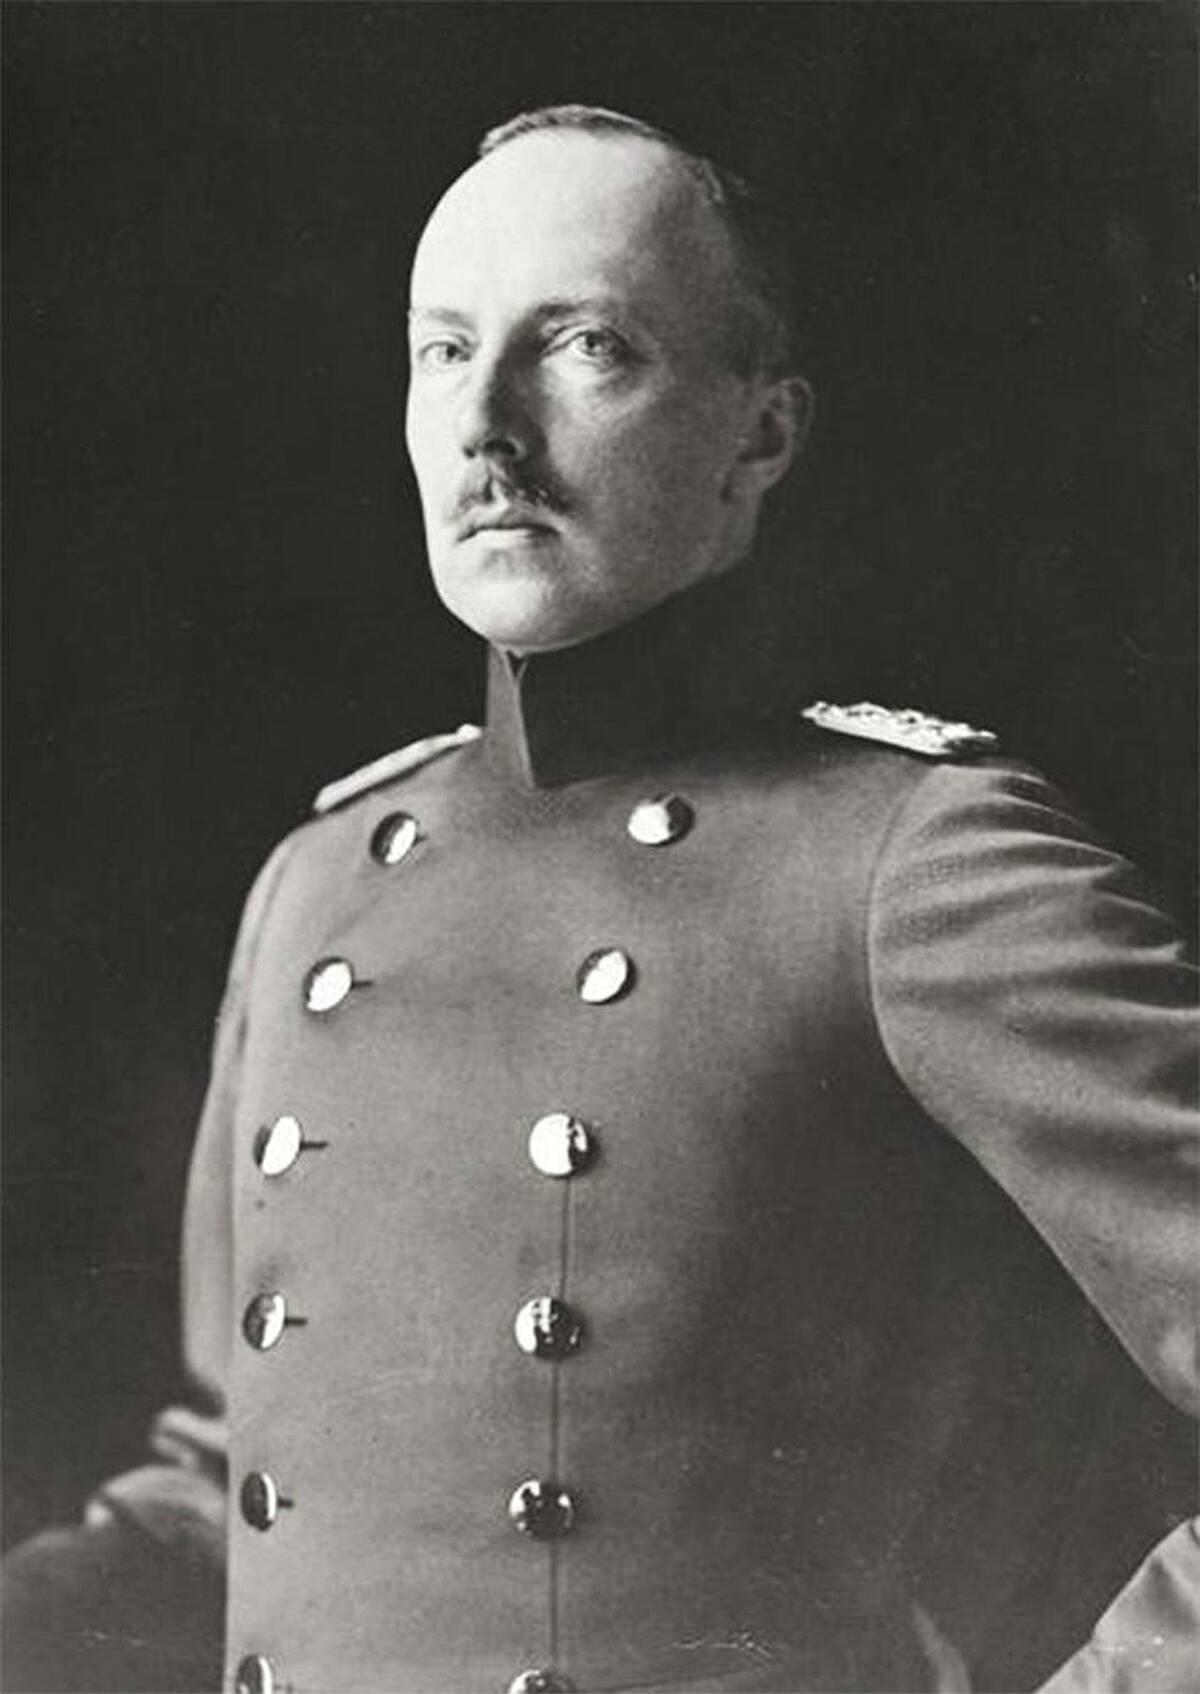 Đức vua tại vị 2 thángSau nhiều thế kỷ bị Thụy Điển và Nga cai trị, Phần Lan trở thành một quốc gia độc lập vào năm 1917. Vương quốc Phần Lan được thành lập ngay sau đó trong nỗ lực xây dựng một chế độ quân chủ riêng. Tuy nhiên, chế độ này chỉ kéo dài chưa đầy một năm do Nội chiến Phần Lan và Thế chiến I. Thái tử Frederick Charles là đức vua đầu tiên của Phần Lan, nhưng đã từ bỏ ngai vàng chỉ sau hai tháng. Ảnh: mediadelivery